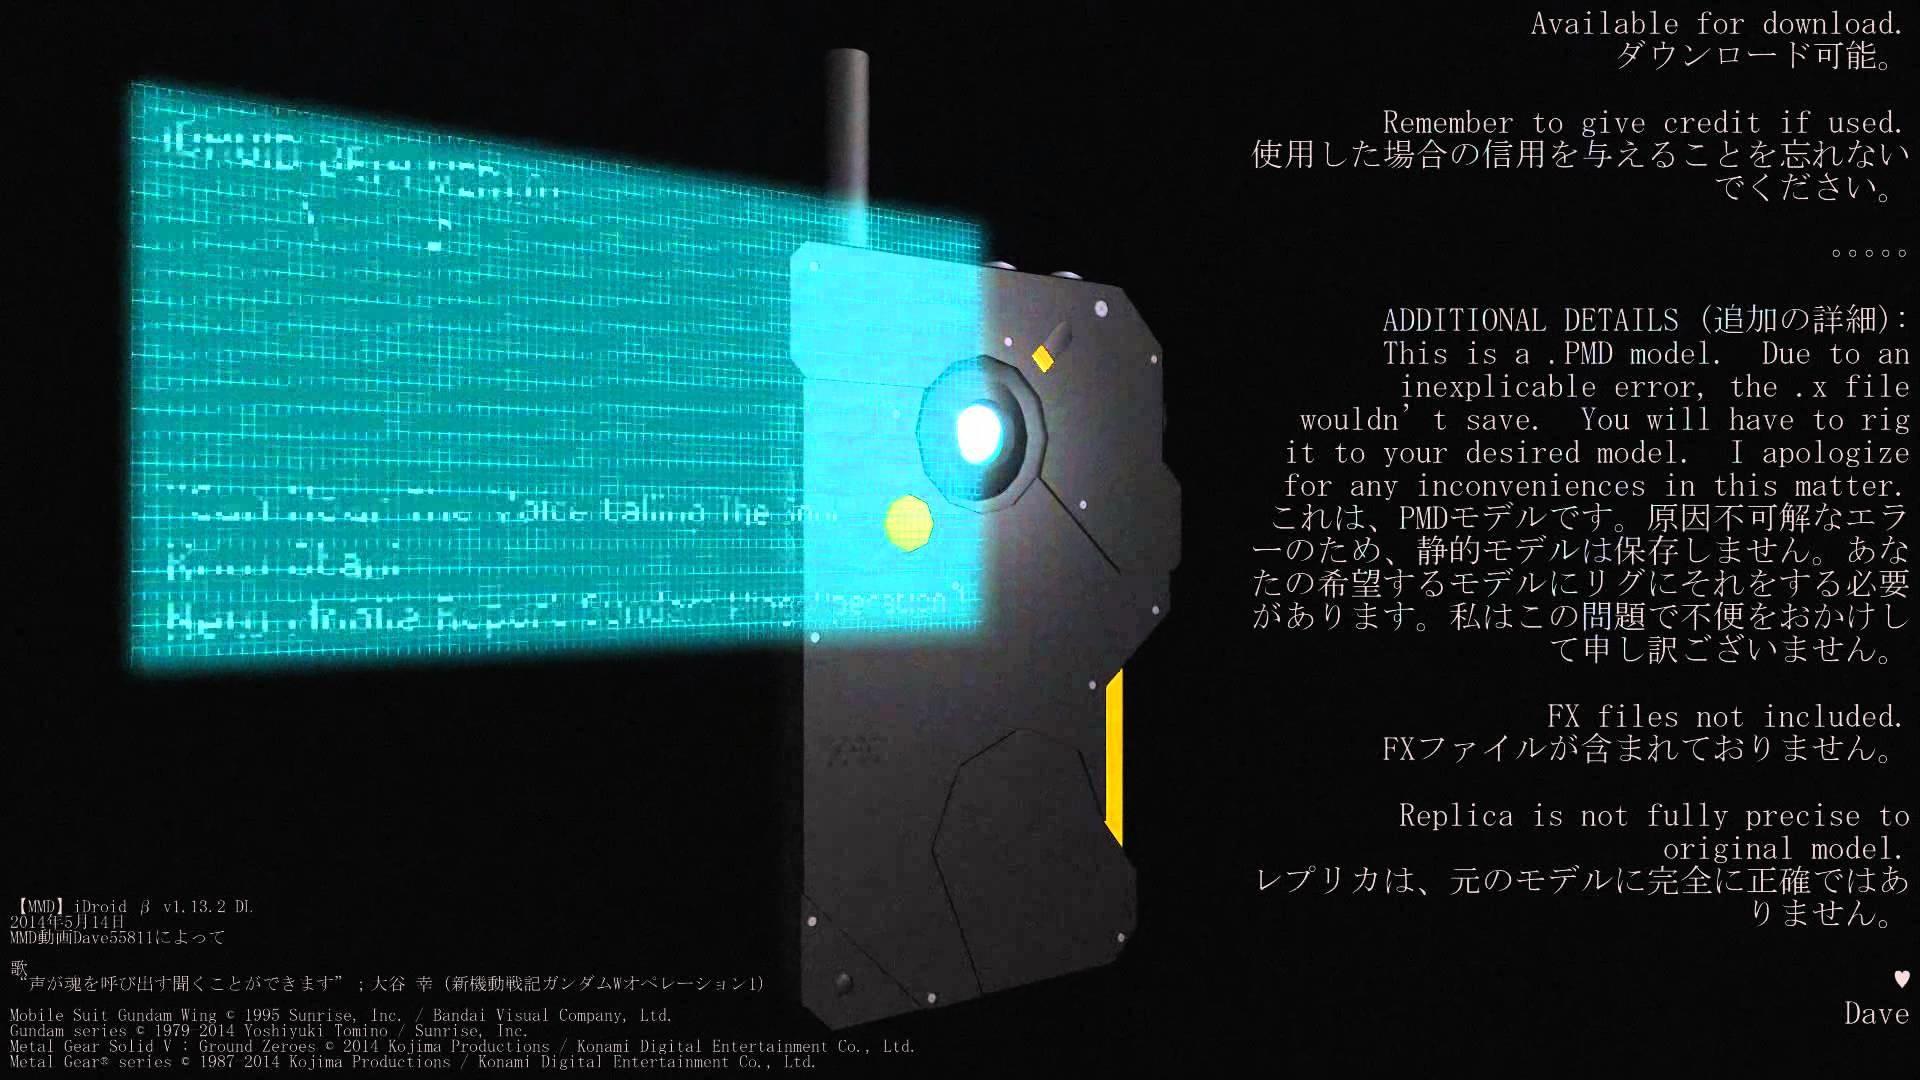 【MMD】iDroid β v1.13.2 DL